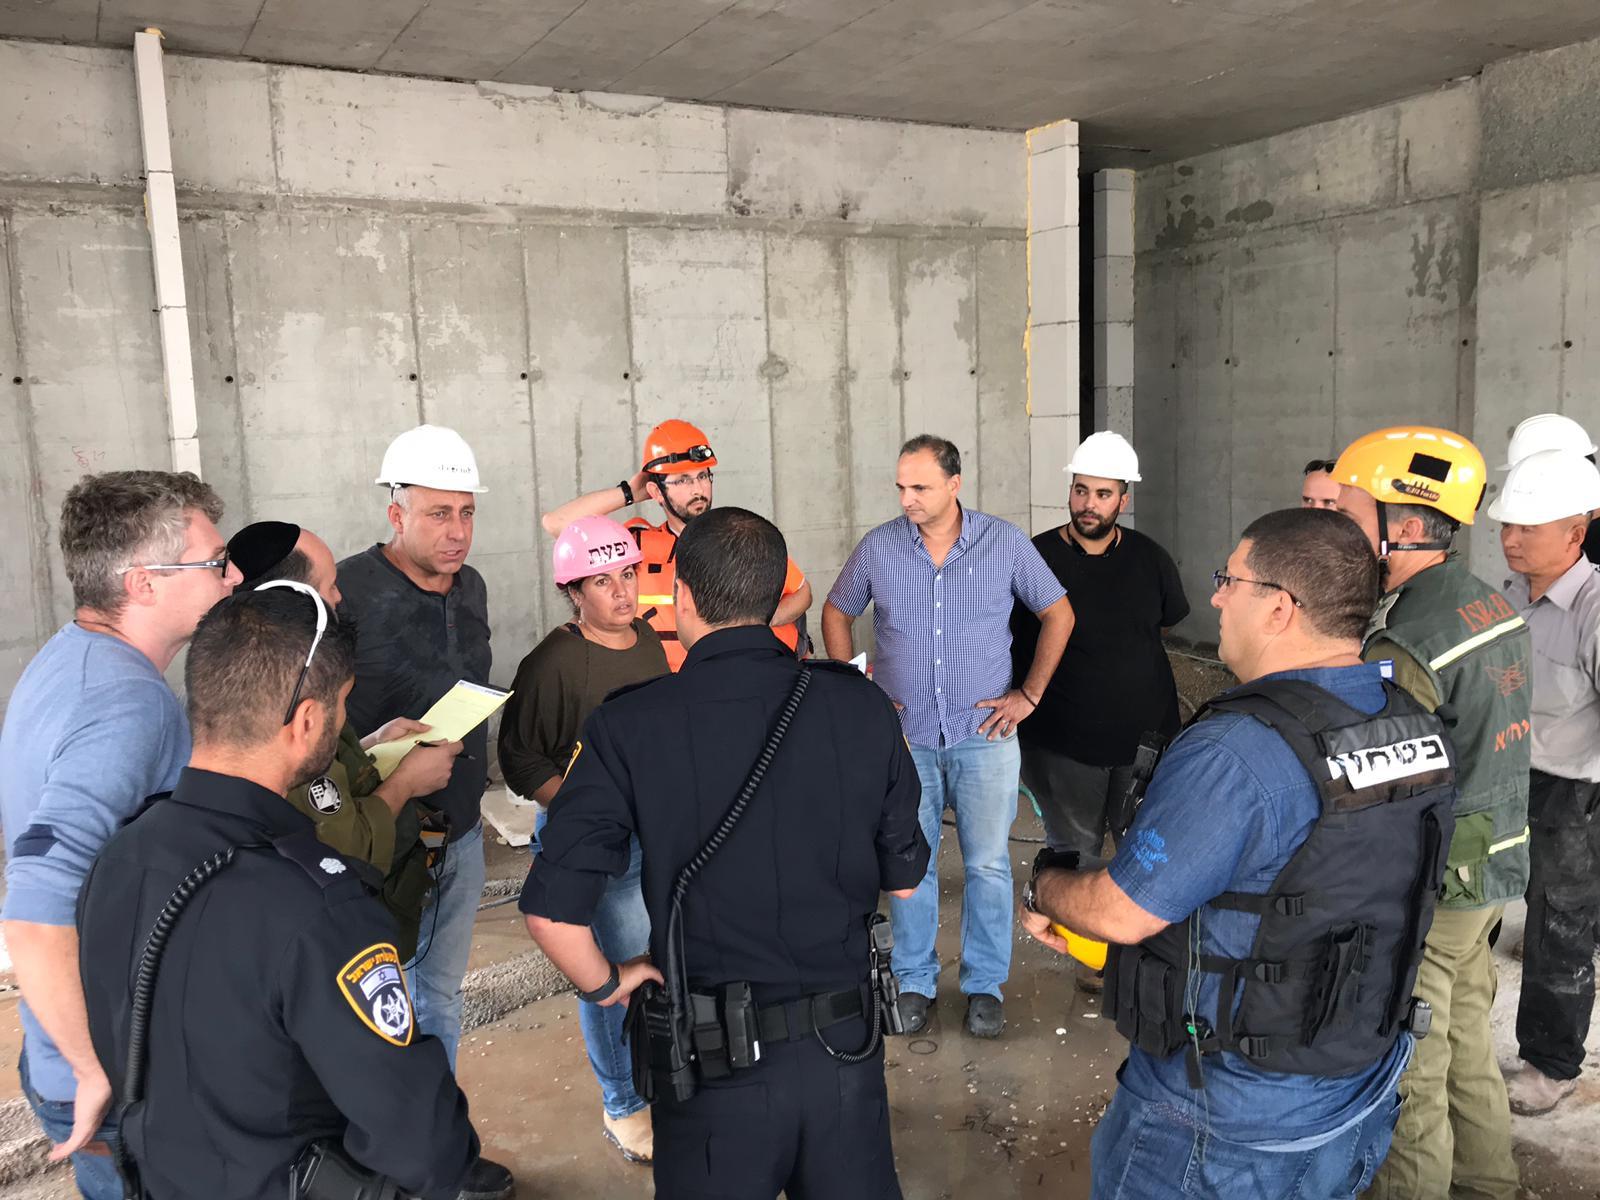 39 הרוגים באסונות בנייה ב-2018. כוחות חילוץ באתר בנייה שקרס צילום: עומר שפירא, דוברות כבאות והצלה